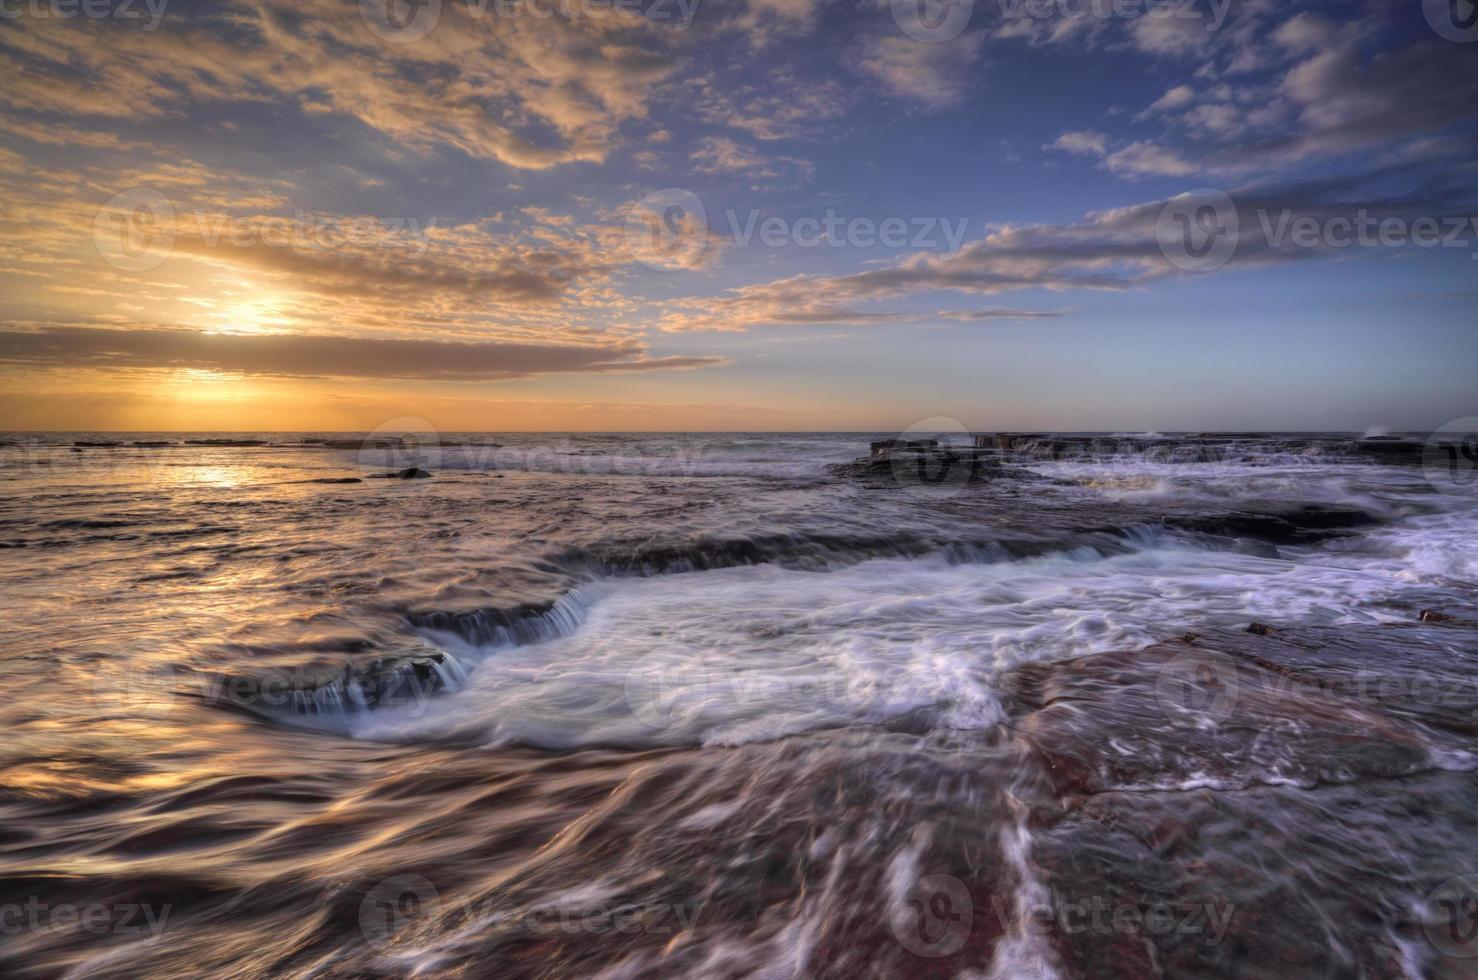 spa de mar - coledale foto